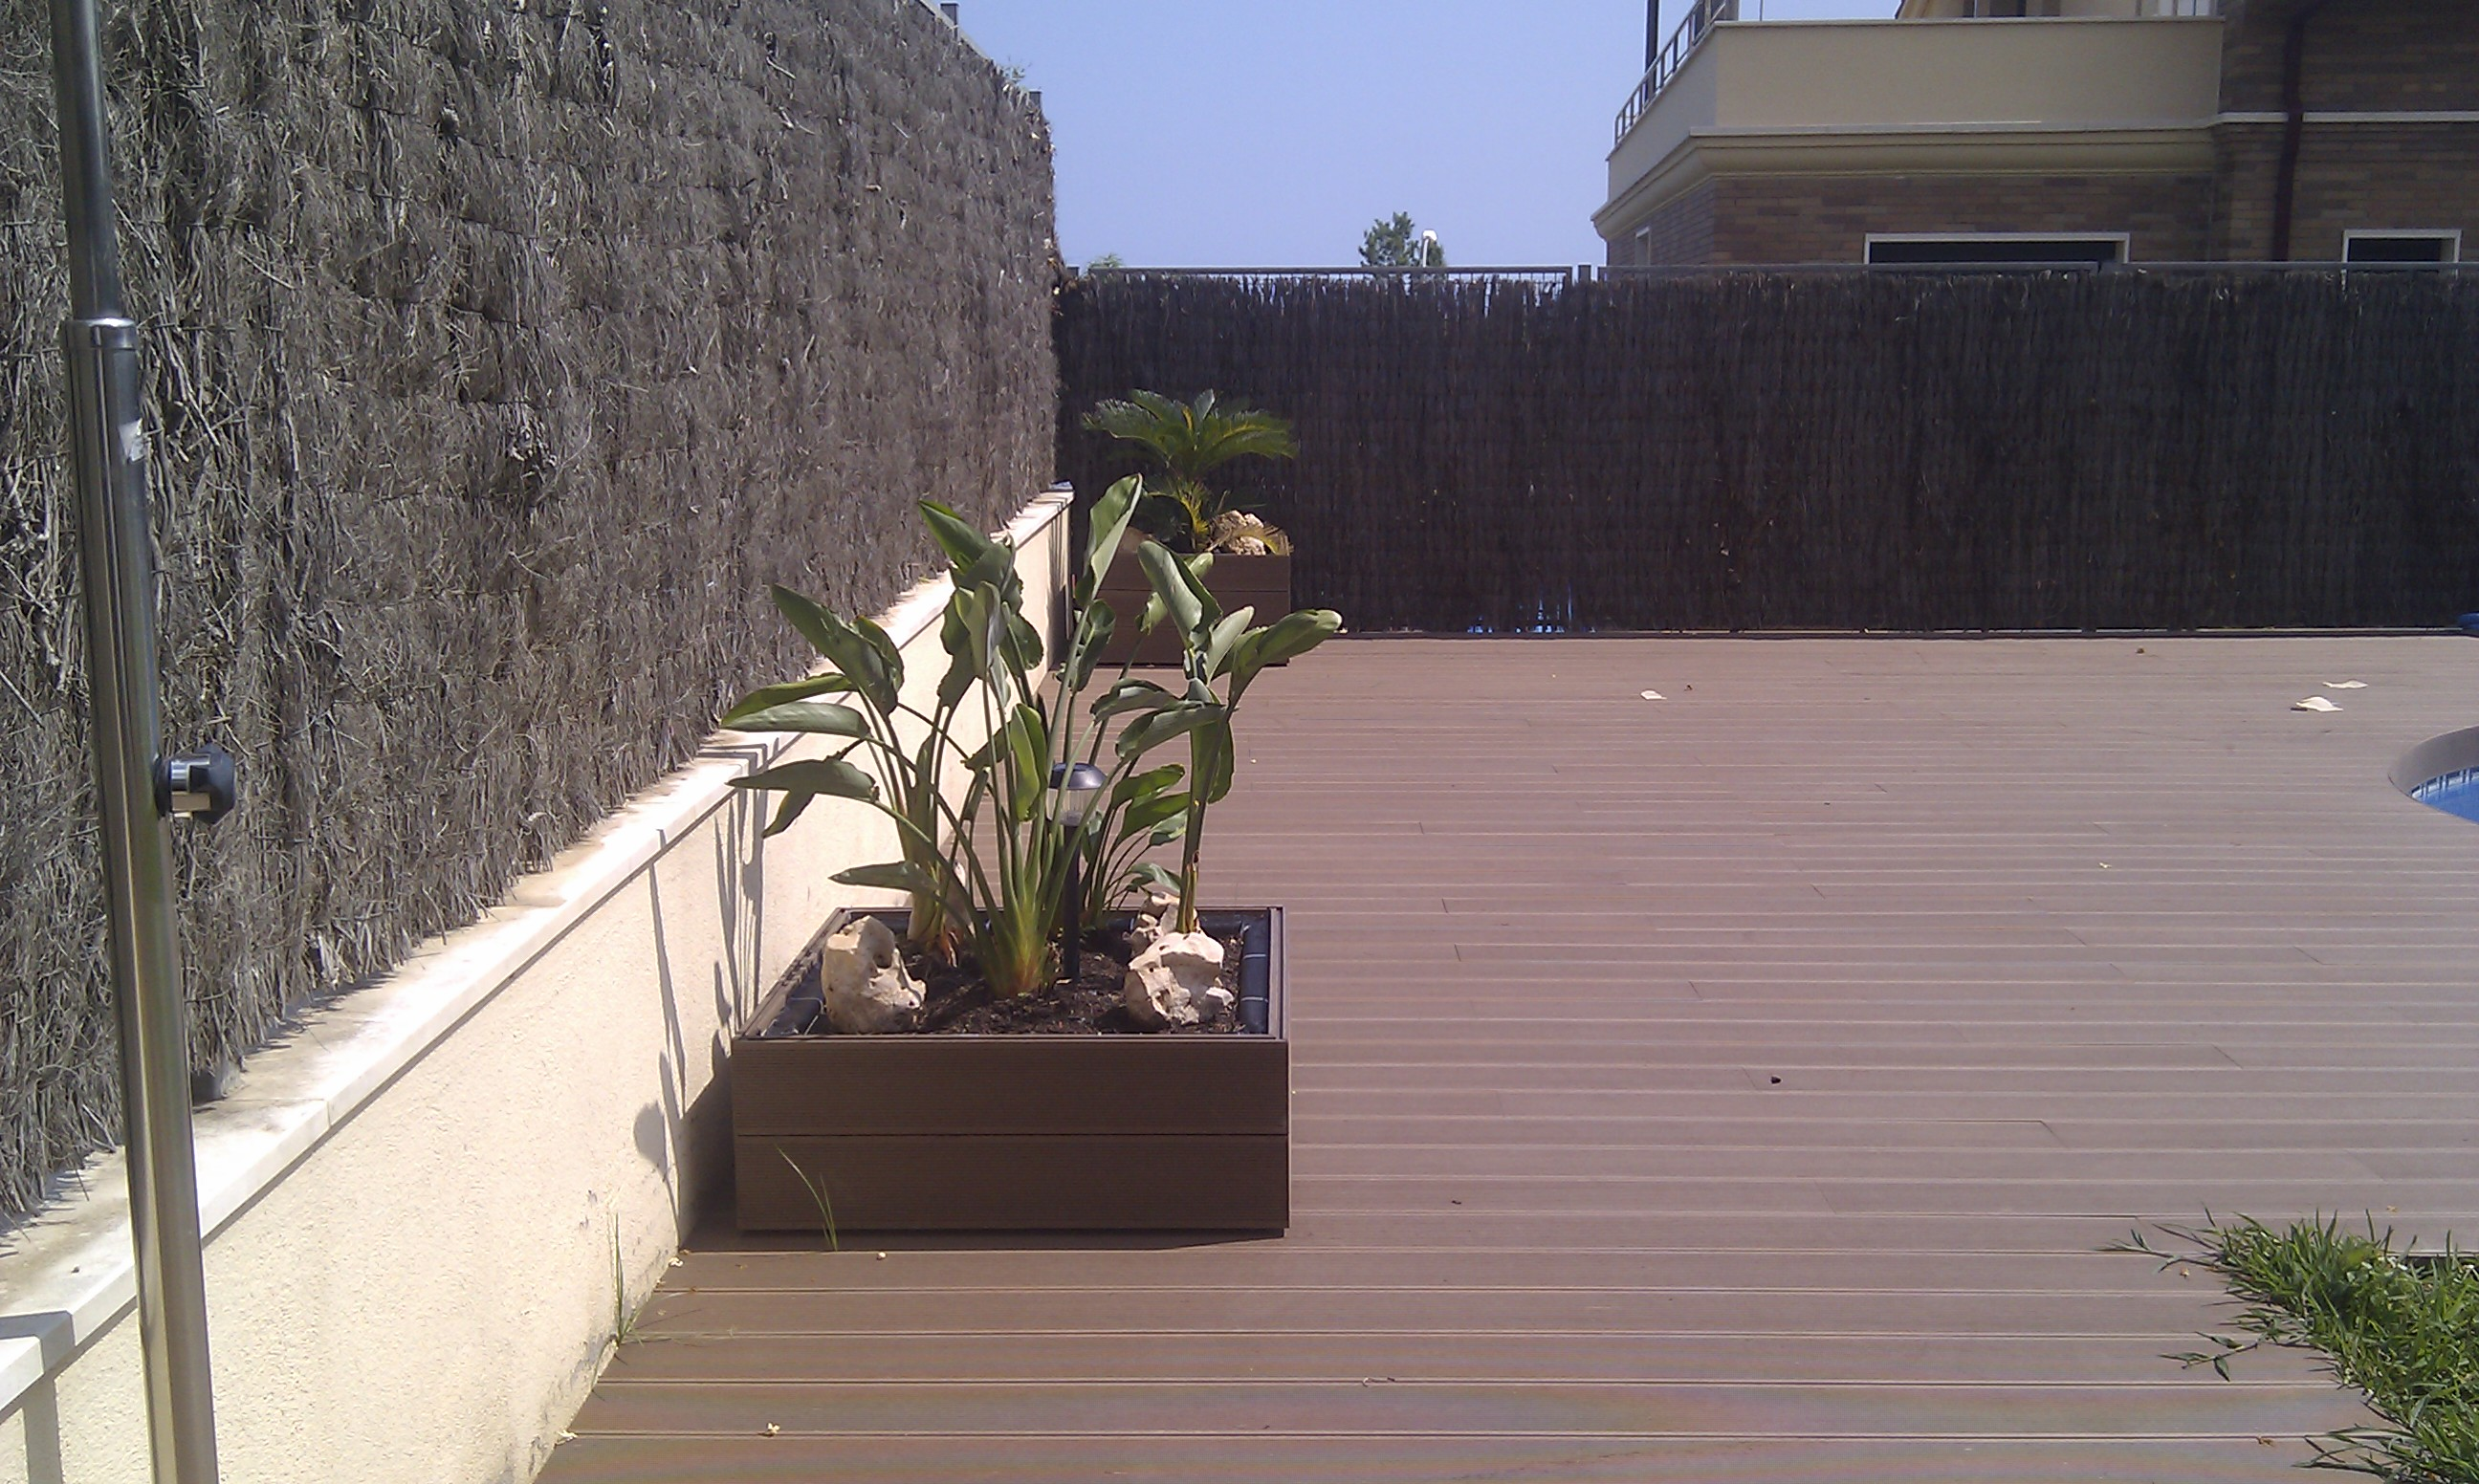 Tarima imitaci n madera sin mantenimiento de exterior en - Imitacion madera para exterior ...